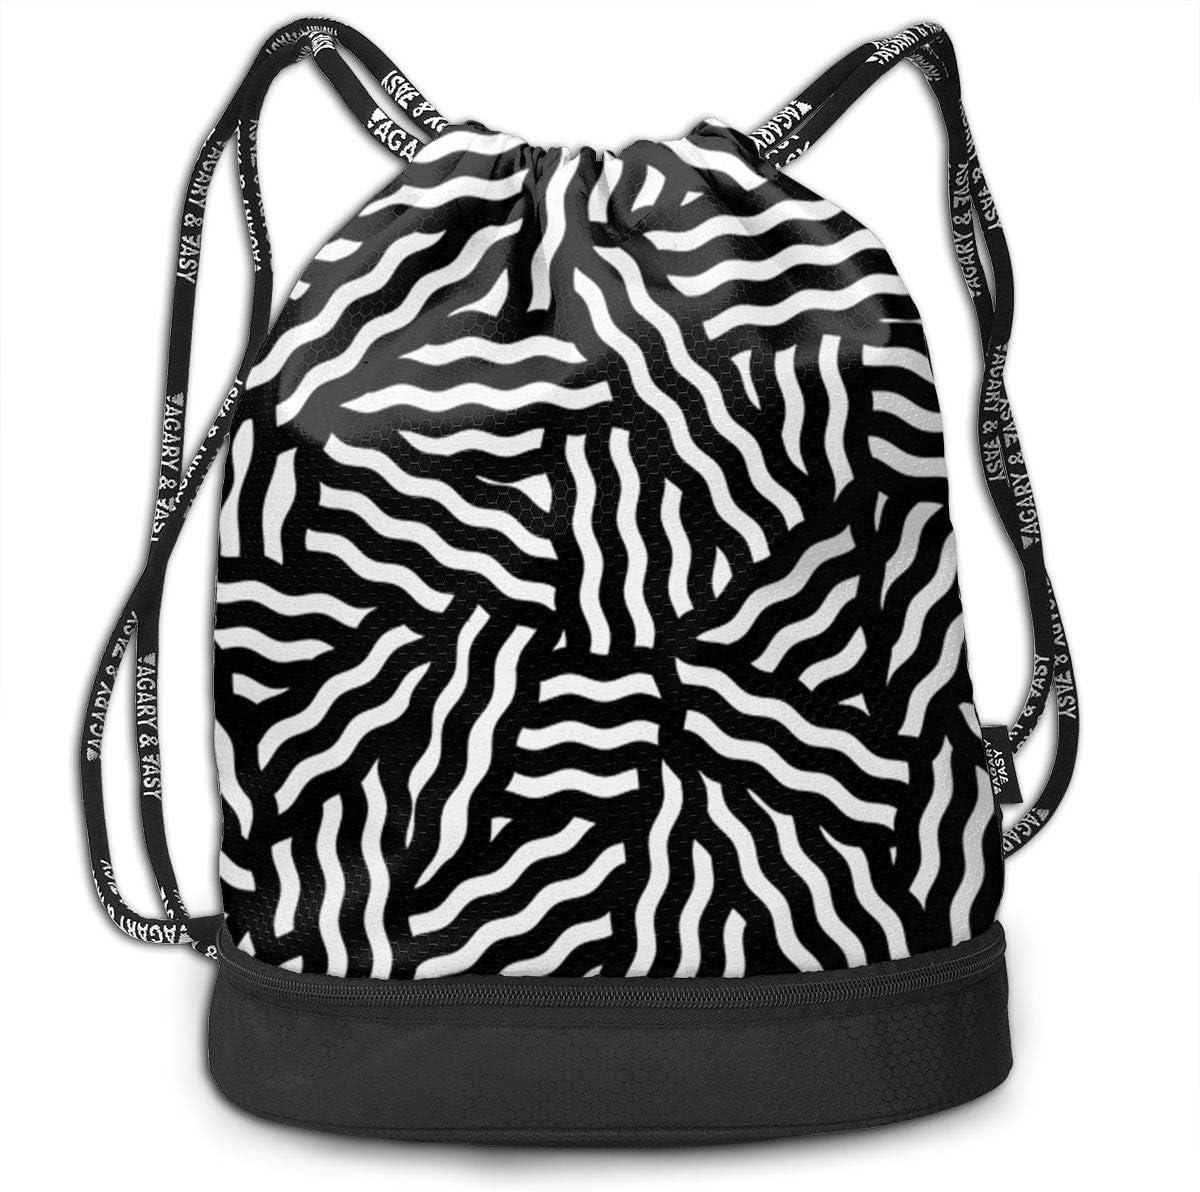 HUOPR5Q Wave Line Drawstring Backpack Sport Gym Sack Shoulder Bulk Bag Dance Bag for School Travel